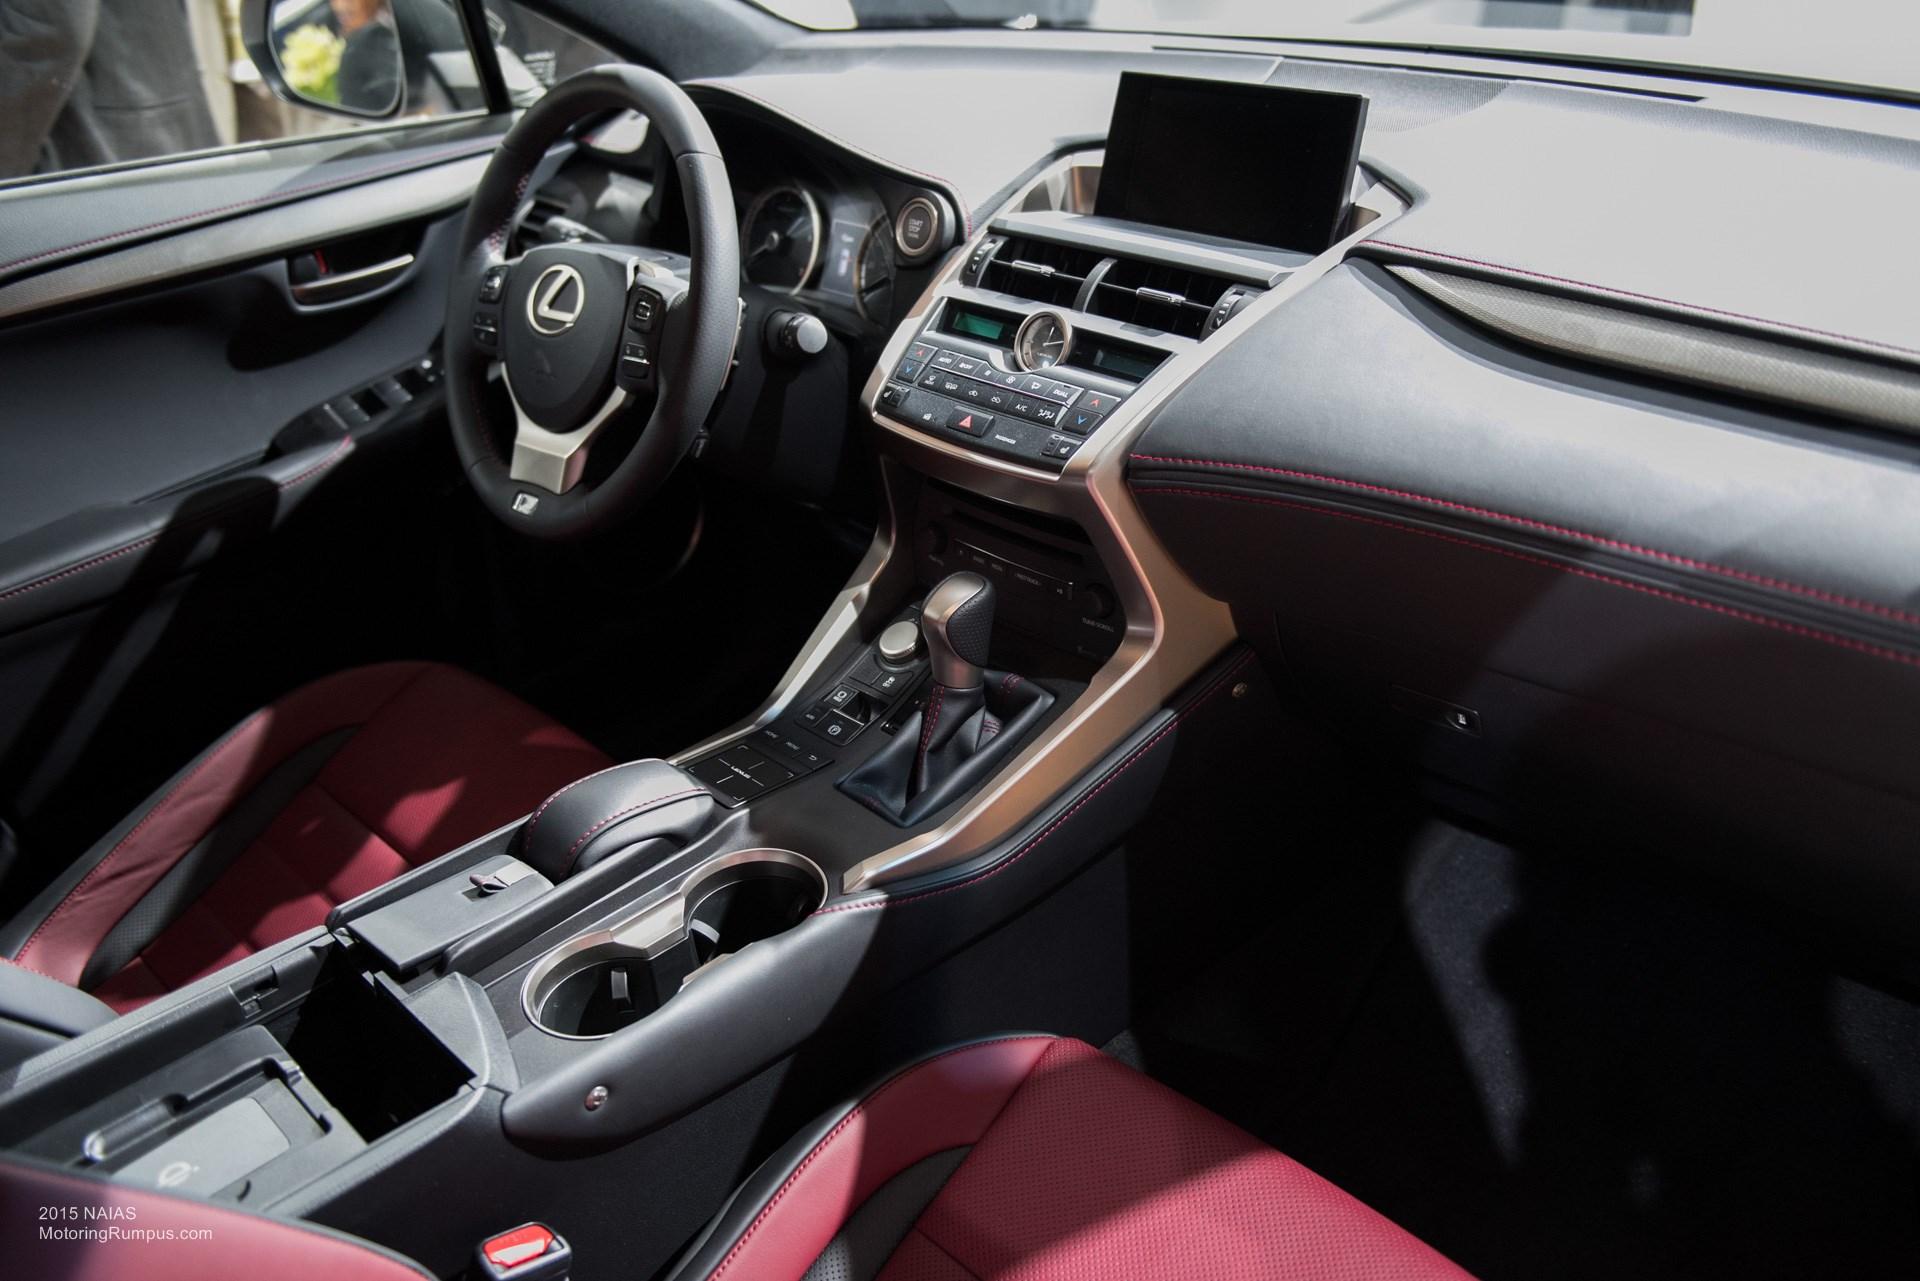 2015 NAIAS Lexus RC F Interior